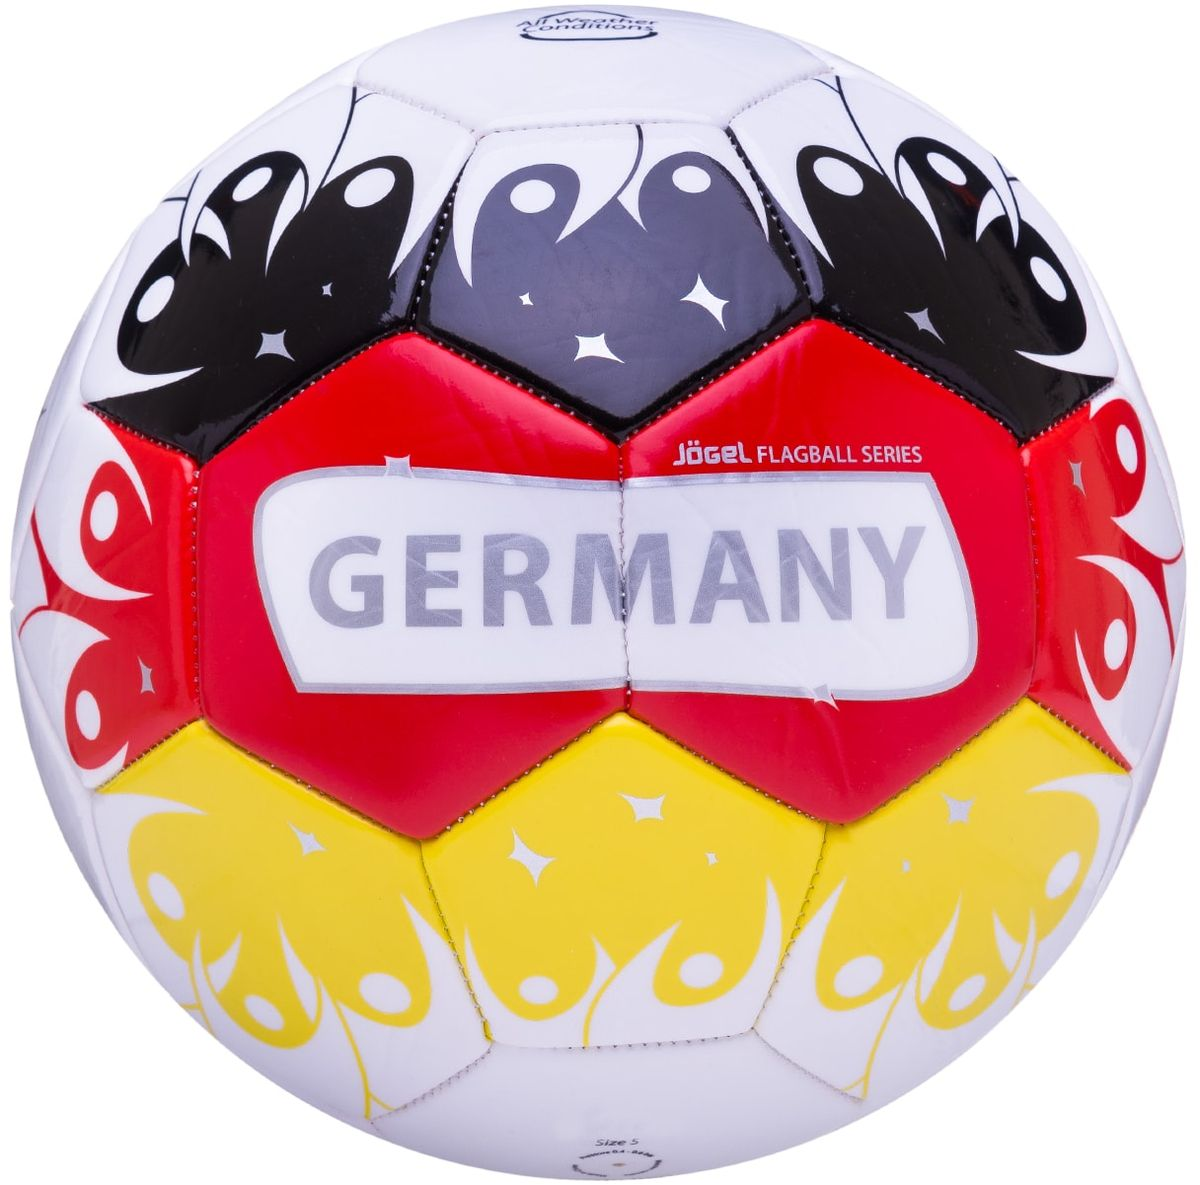 Категория: Мячи футбольные Уровень: Любительский Jogel - это мячи из специальной коллекции, посвященной чемпионату мира по футболу 2018 года. В дизайне мячей данной линейки применяются цветовые решения флагов сильнейших сборных мира. Мячи придутся по душе всем любителям футбола и фанатам, которые захотят приобрести данные мячи в качестве сувенира. По своим характеристикам подходит как детям, так и взрослым. Поверхность мяча выполнена из синтетической кожи (поливинилхлорид) толщиной 2,7 мм. Мячи имеют 2 подкладочных слоя и оснащены бутиловой камерой, обеспечивающей долгое сохранение воздуха в камере. Данные мячи рекомендованы для любительской игры и тренировок любительских команд. Рекомендованные покрытия: натуральный газон, синтетическая трава, резина, гаревые поля, паркет Материал поверхности: Синтетическая кожа (поливинилхлорид) толщиной 2,7 мм Материал камеры: Бутил Тип соединения панелей: Машинная сшивка Количество панелей: 32 Длина окружности: №5 - 68-70 см Вес: 410-450 гр Рекомендованное давление: 0.4-0.6 бар Производство: КНР